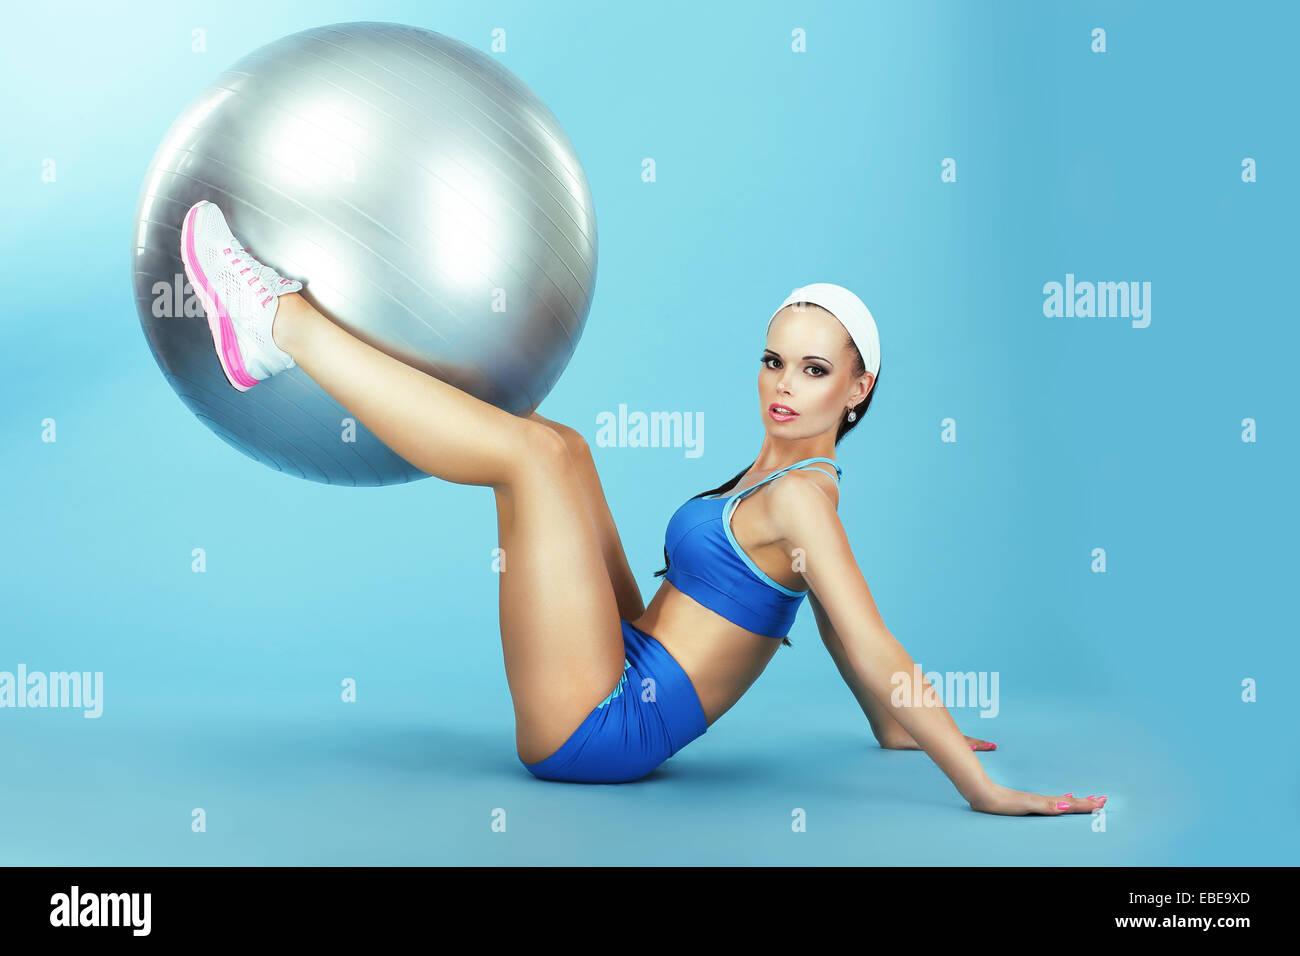 La formazione. Atletica leggera. Donna in abbigliamento sportivo con sfera di fitness Immagini Stock